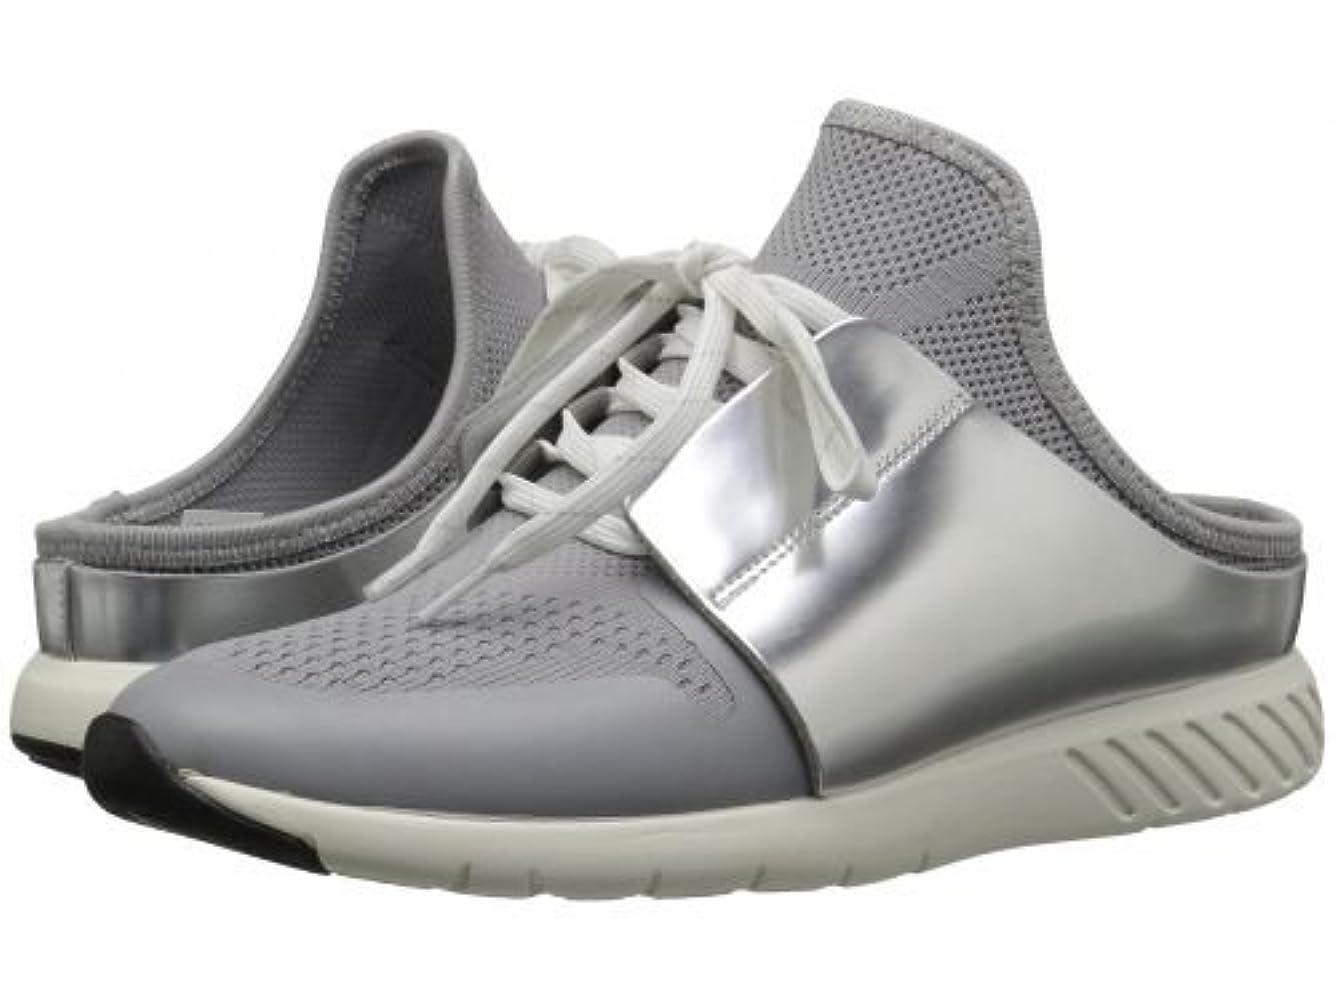 腐食する気を散らす家禽Dolce Vita(ドルチェヴィータ) レディース 女性用 シューズ 靴 スニーカー 運動靴 Braun - Silver Knit [並行輸入品]